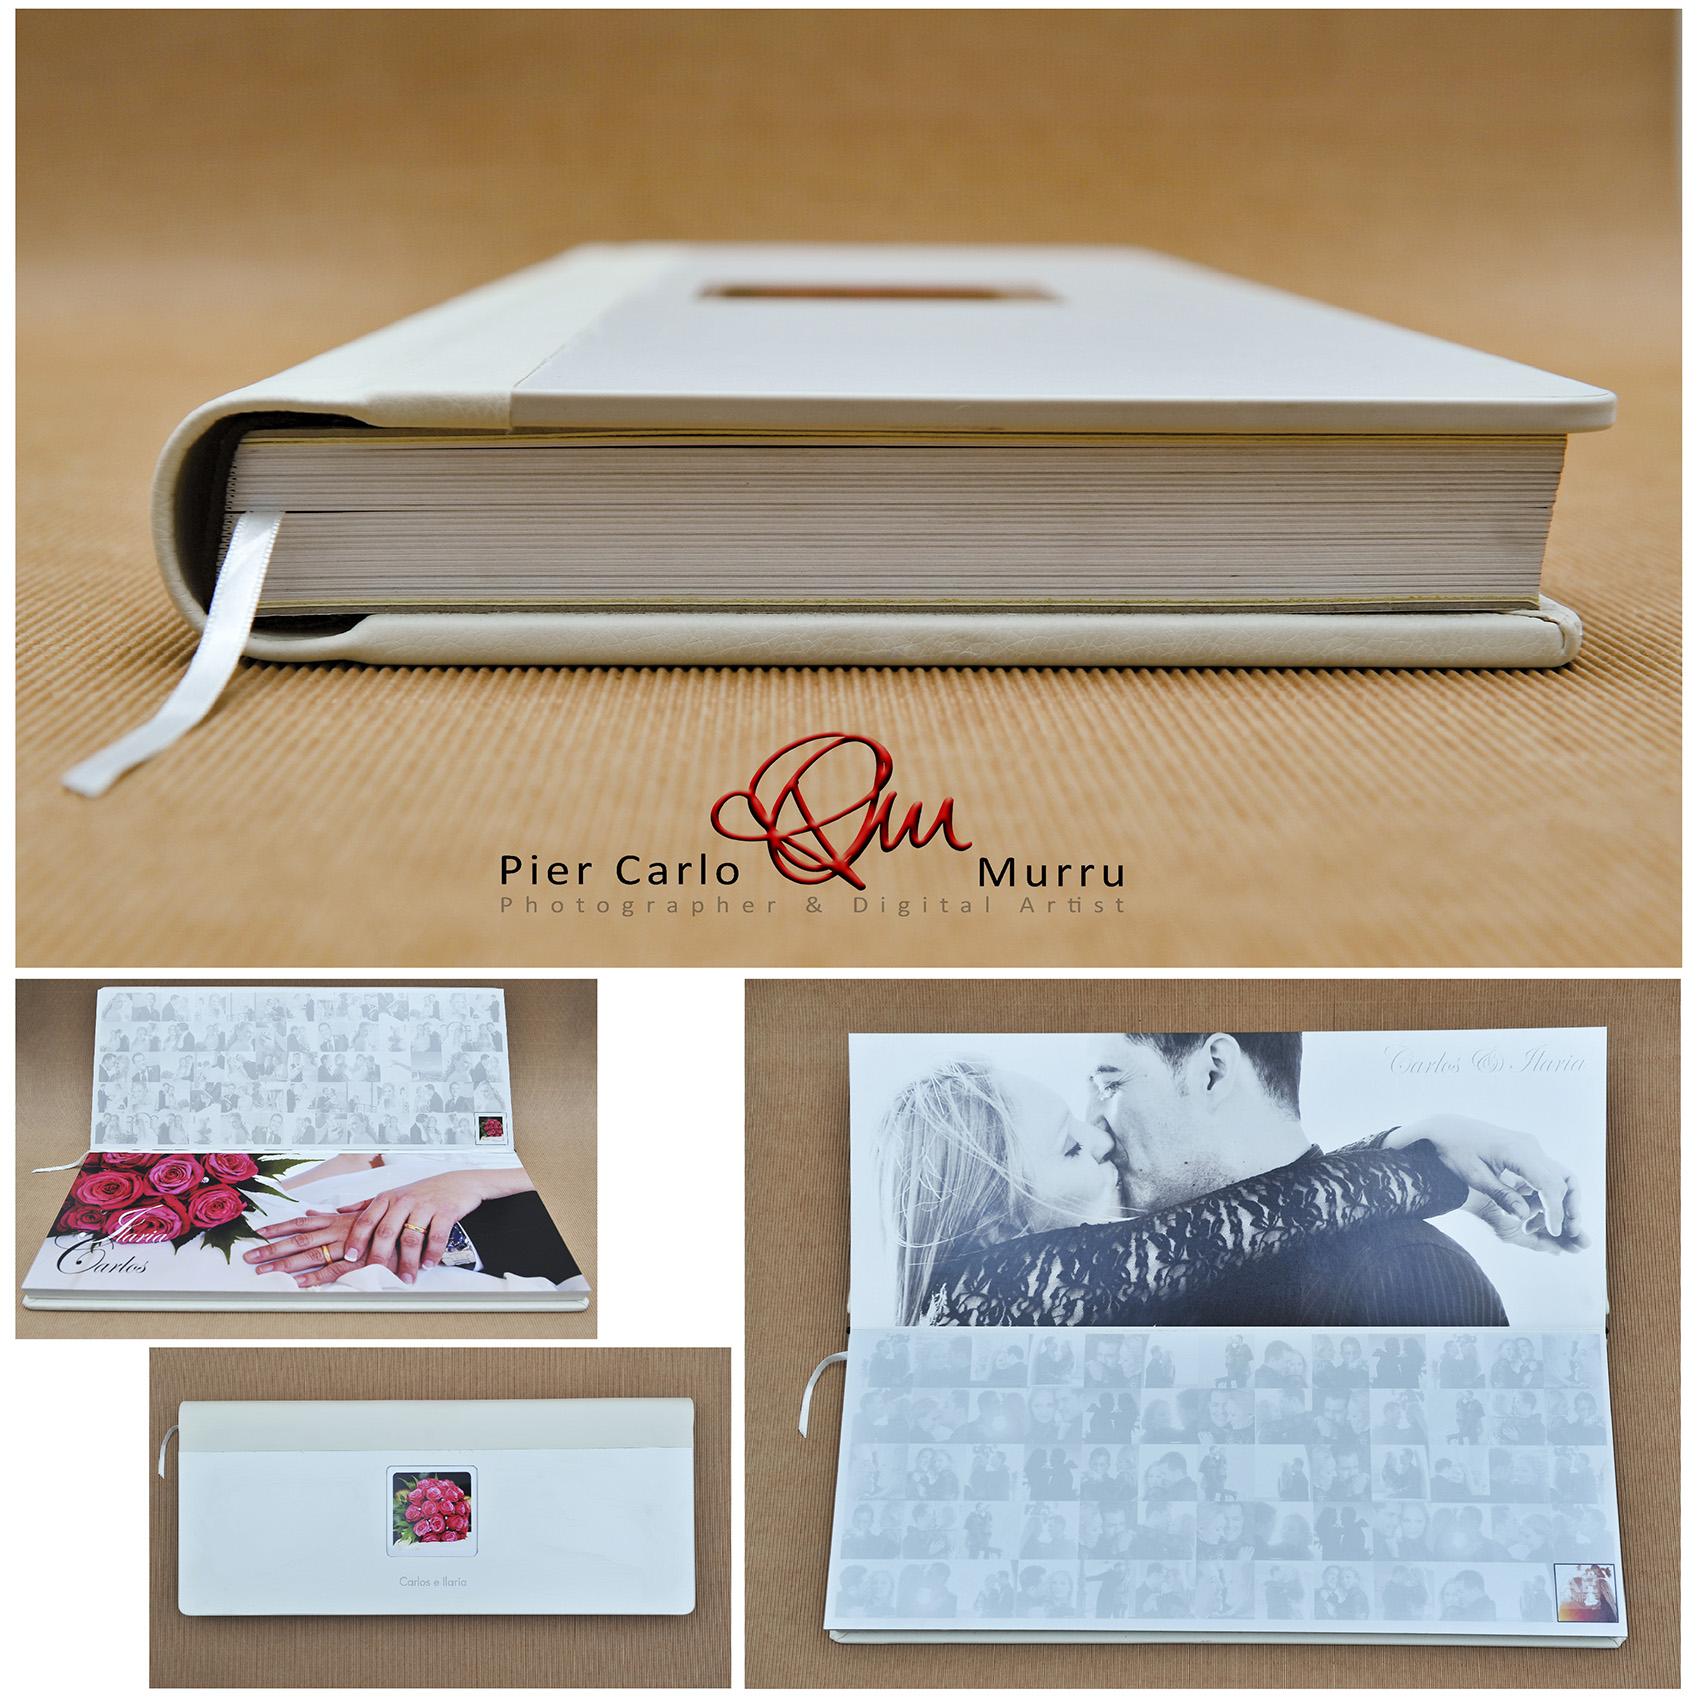 pier-carlo-murru-fotografo-sardegna-cagliari-album-fotografici-matrimoniali